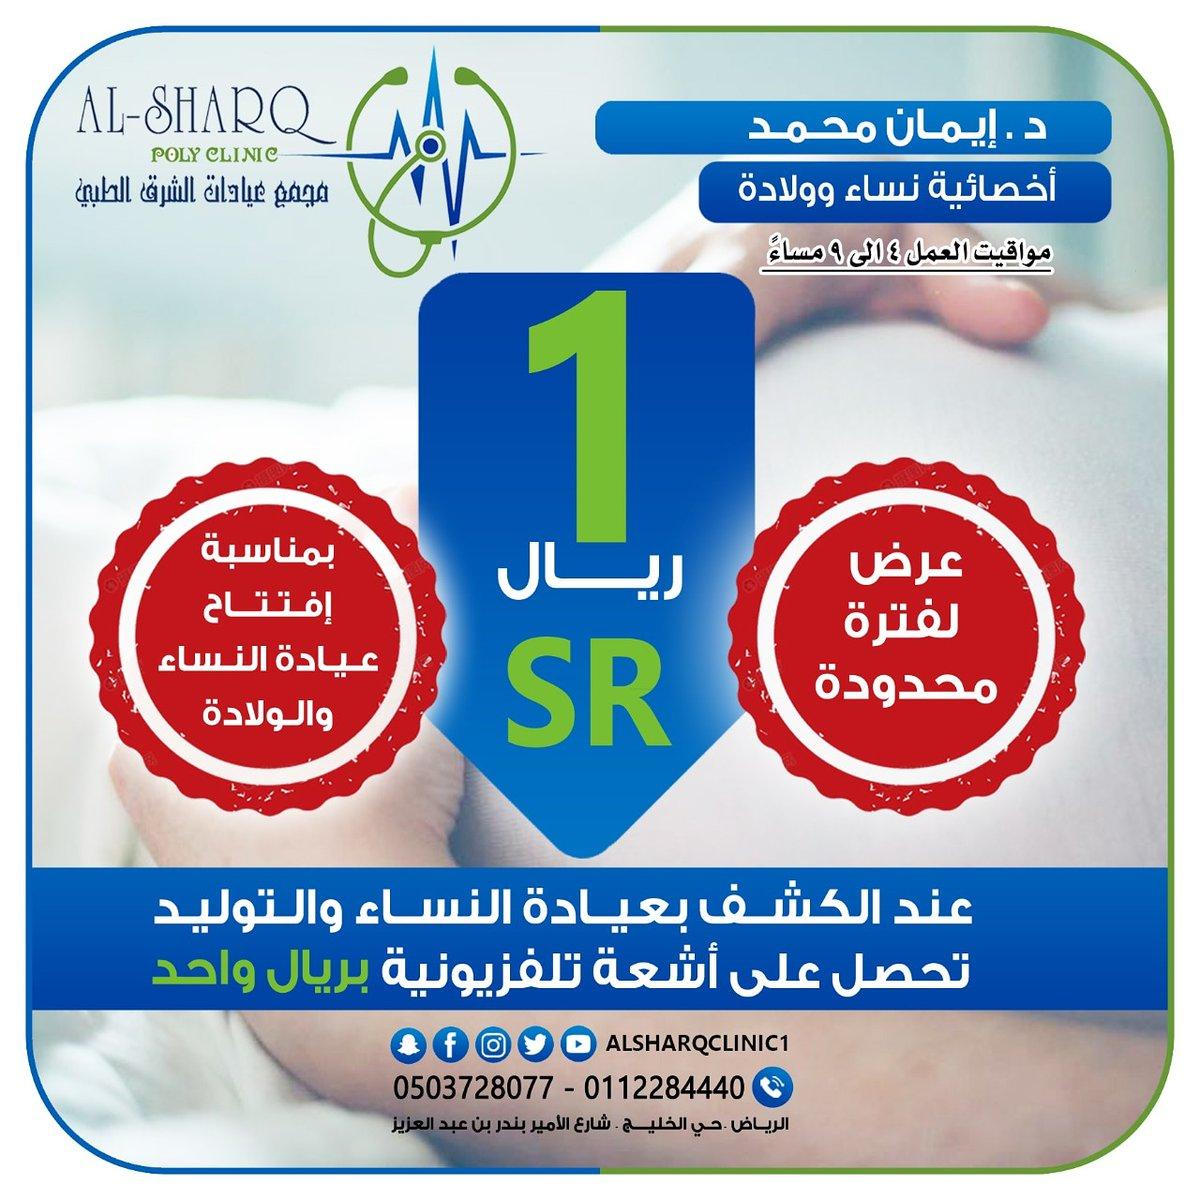 مجمع عيادات الشرق الطبي Alsharqclinic1 Twitter